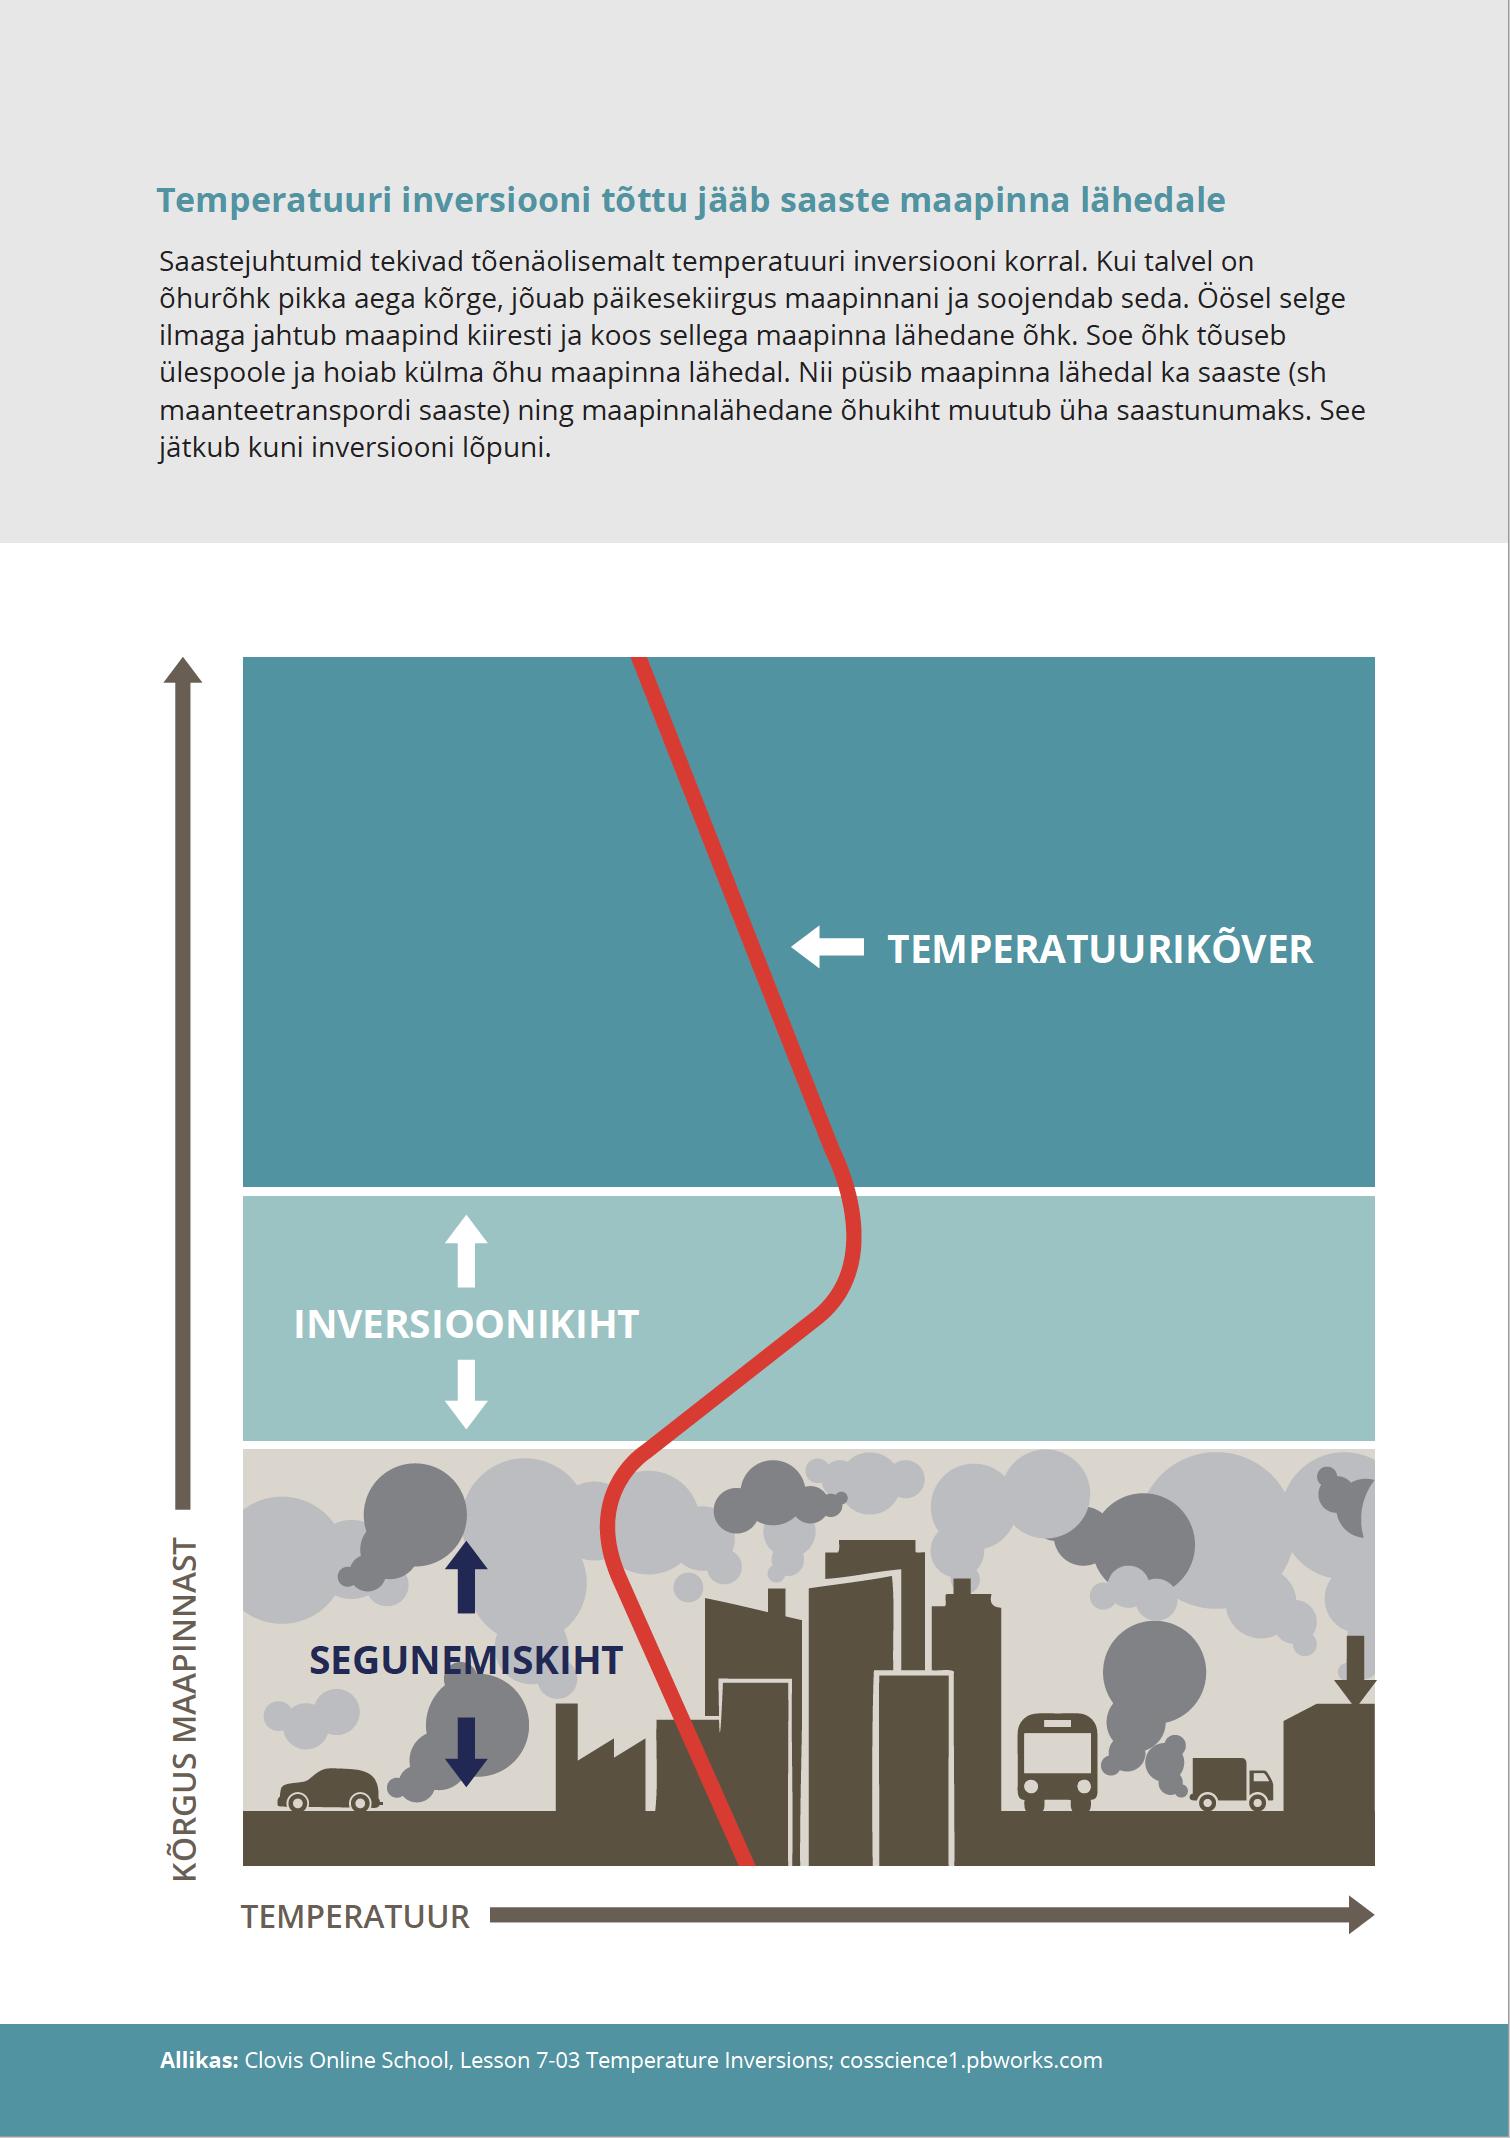 Temperatuuri inversiooni tõttu jääb saaste maapinna lähedale